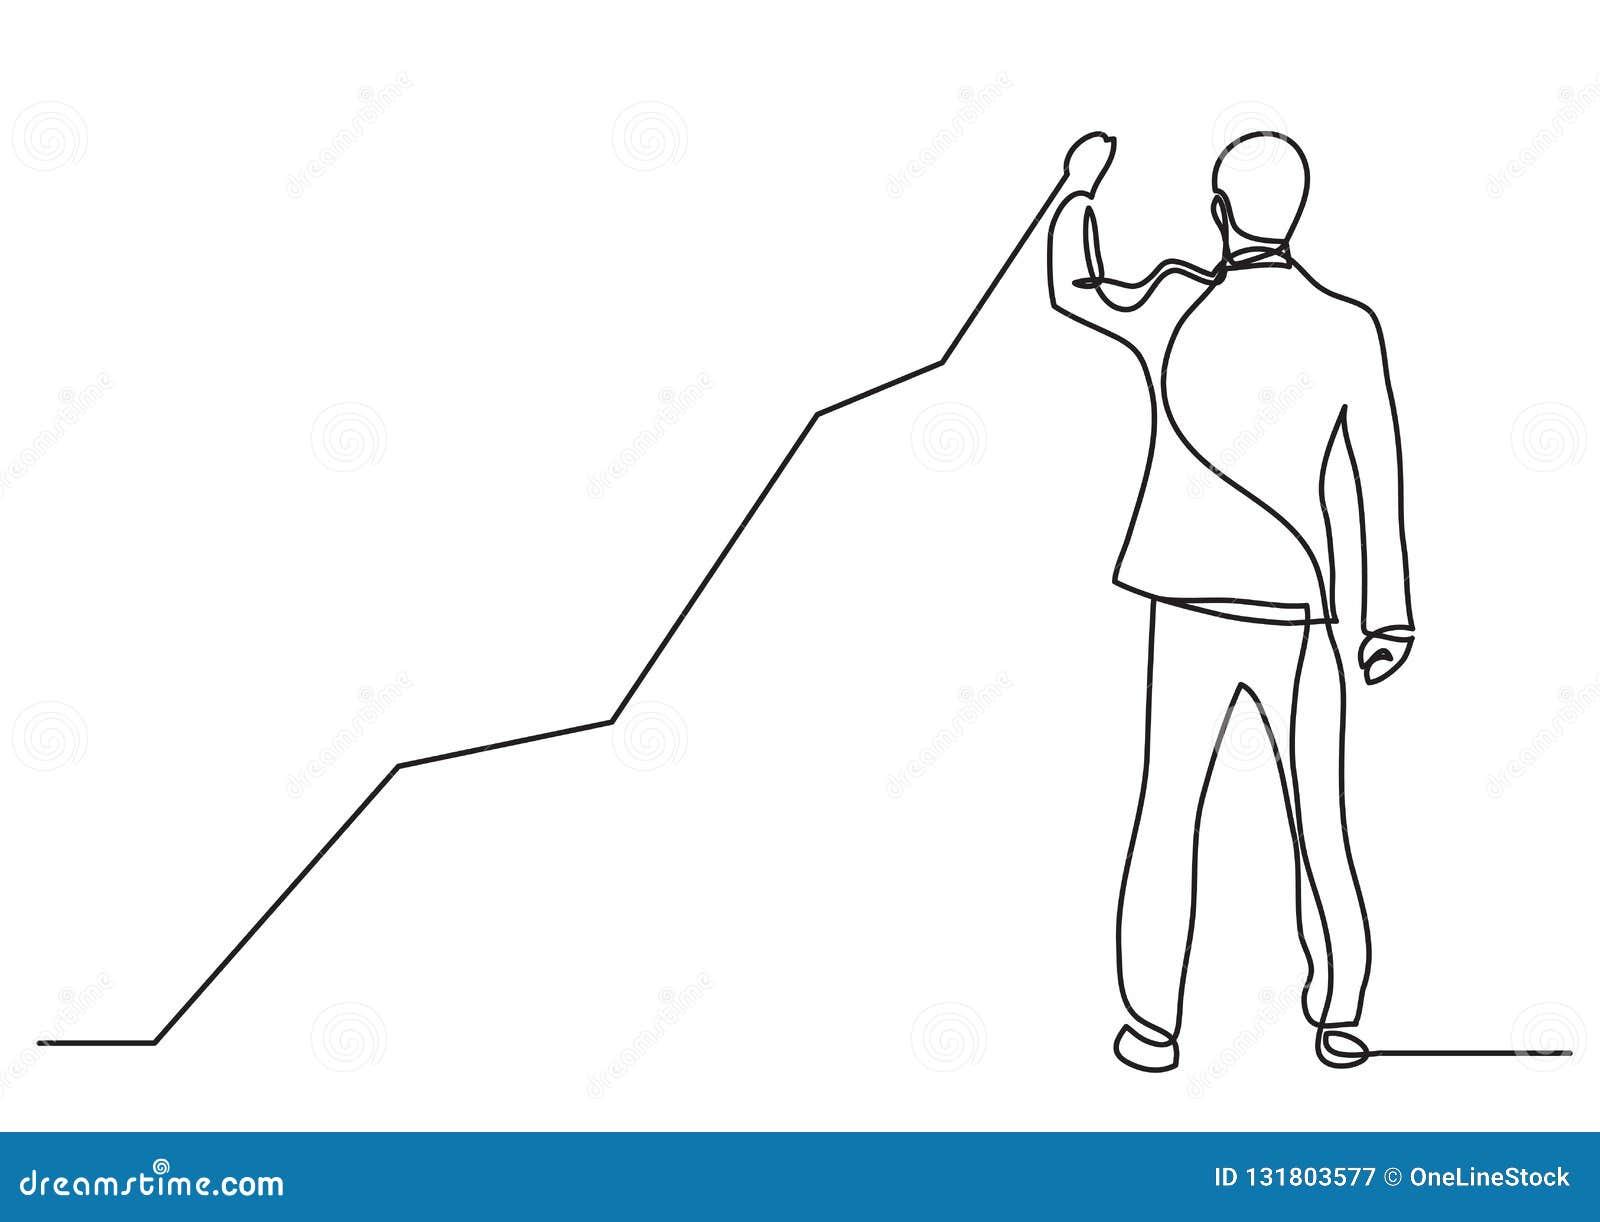 Ciągły kreskowy rysunek biznesowa sytuacja - stać biznesmena rysunkowego powstającego diagram